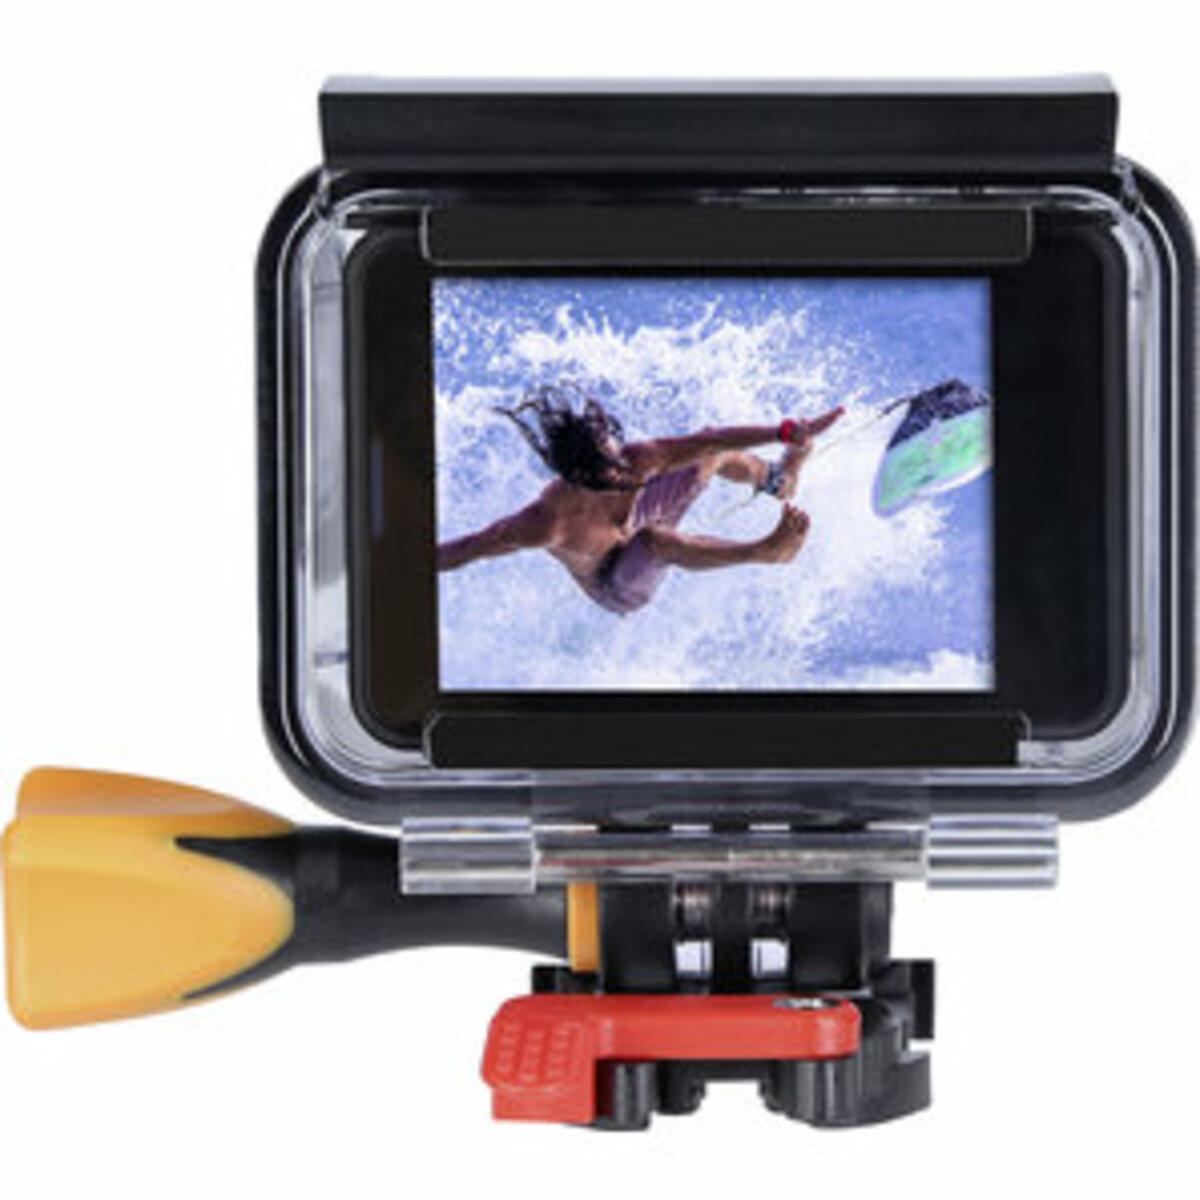 Bild 4 von Rollei 560 Touch Action-        Kamera